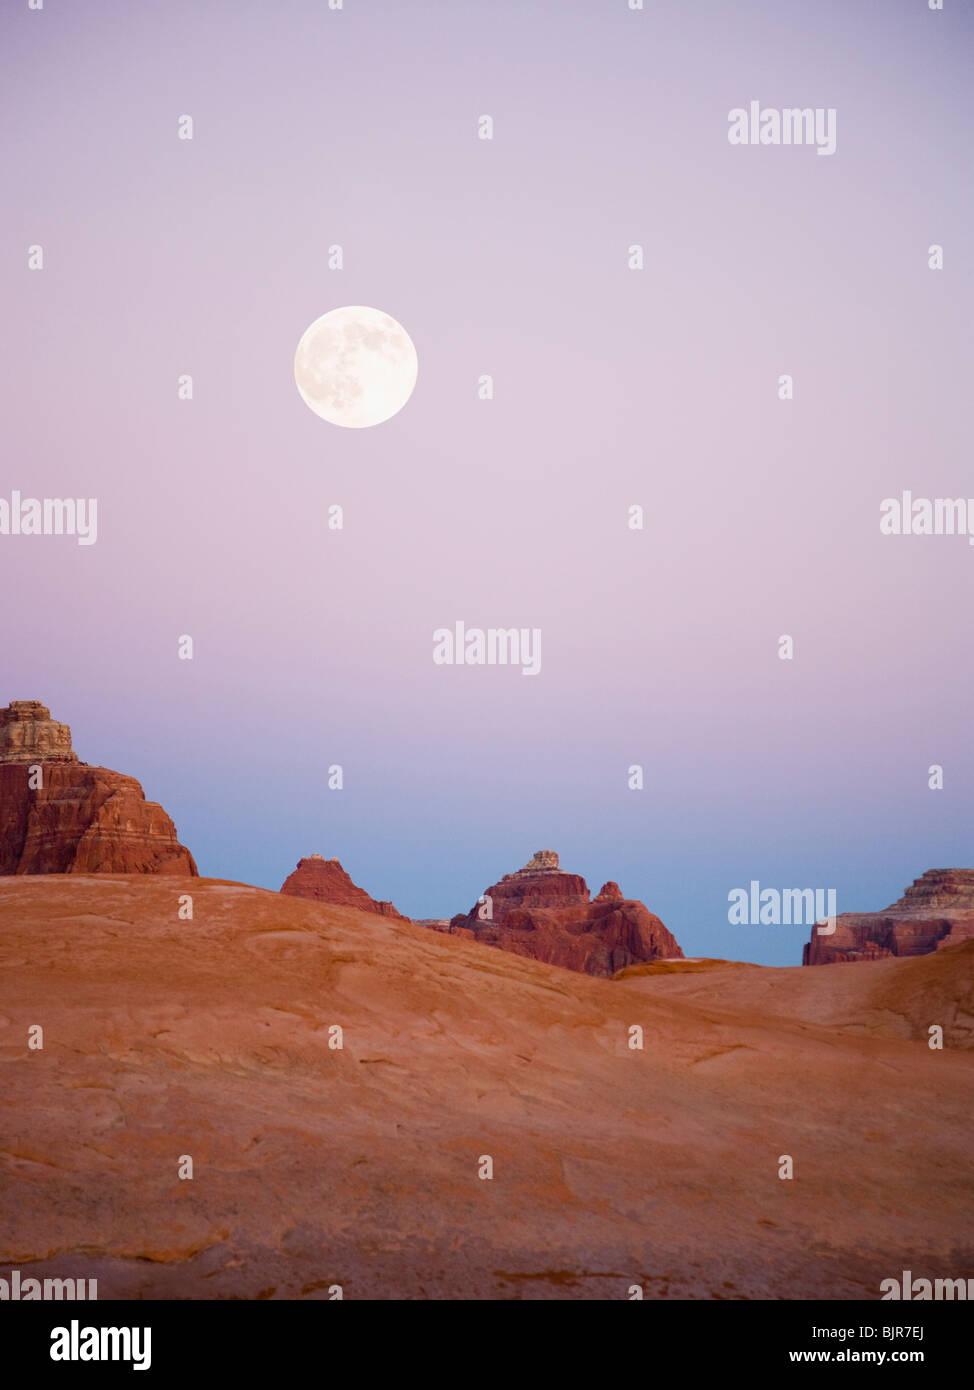 desert landscape at dusk - Stock Image